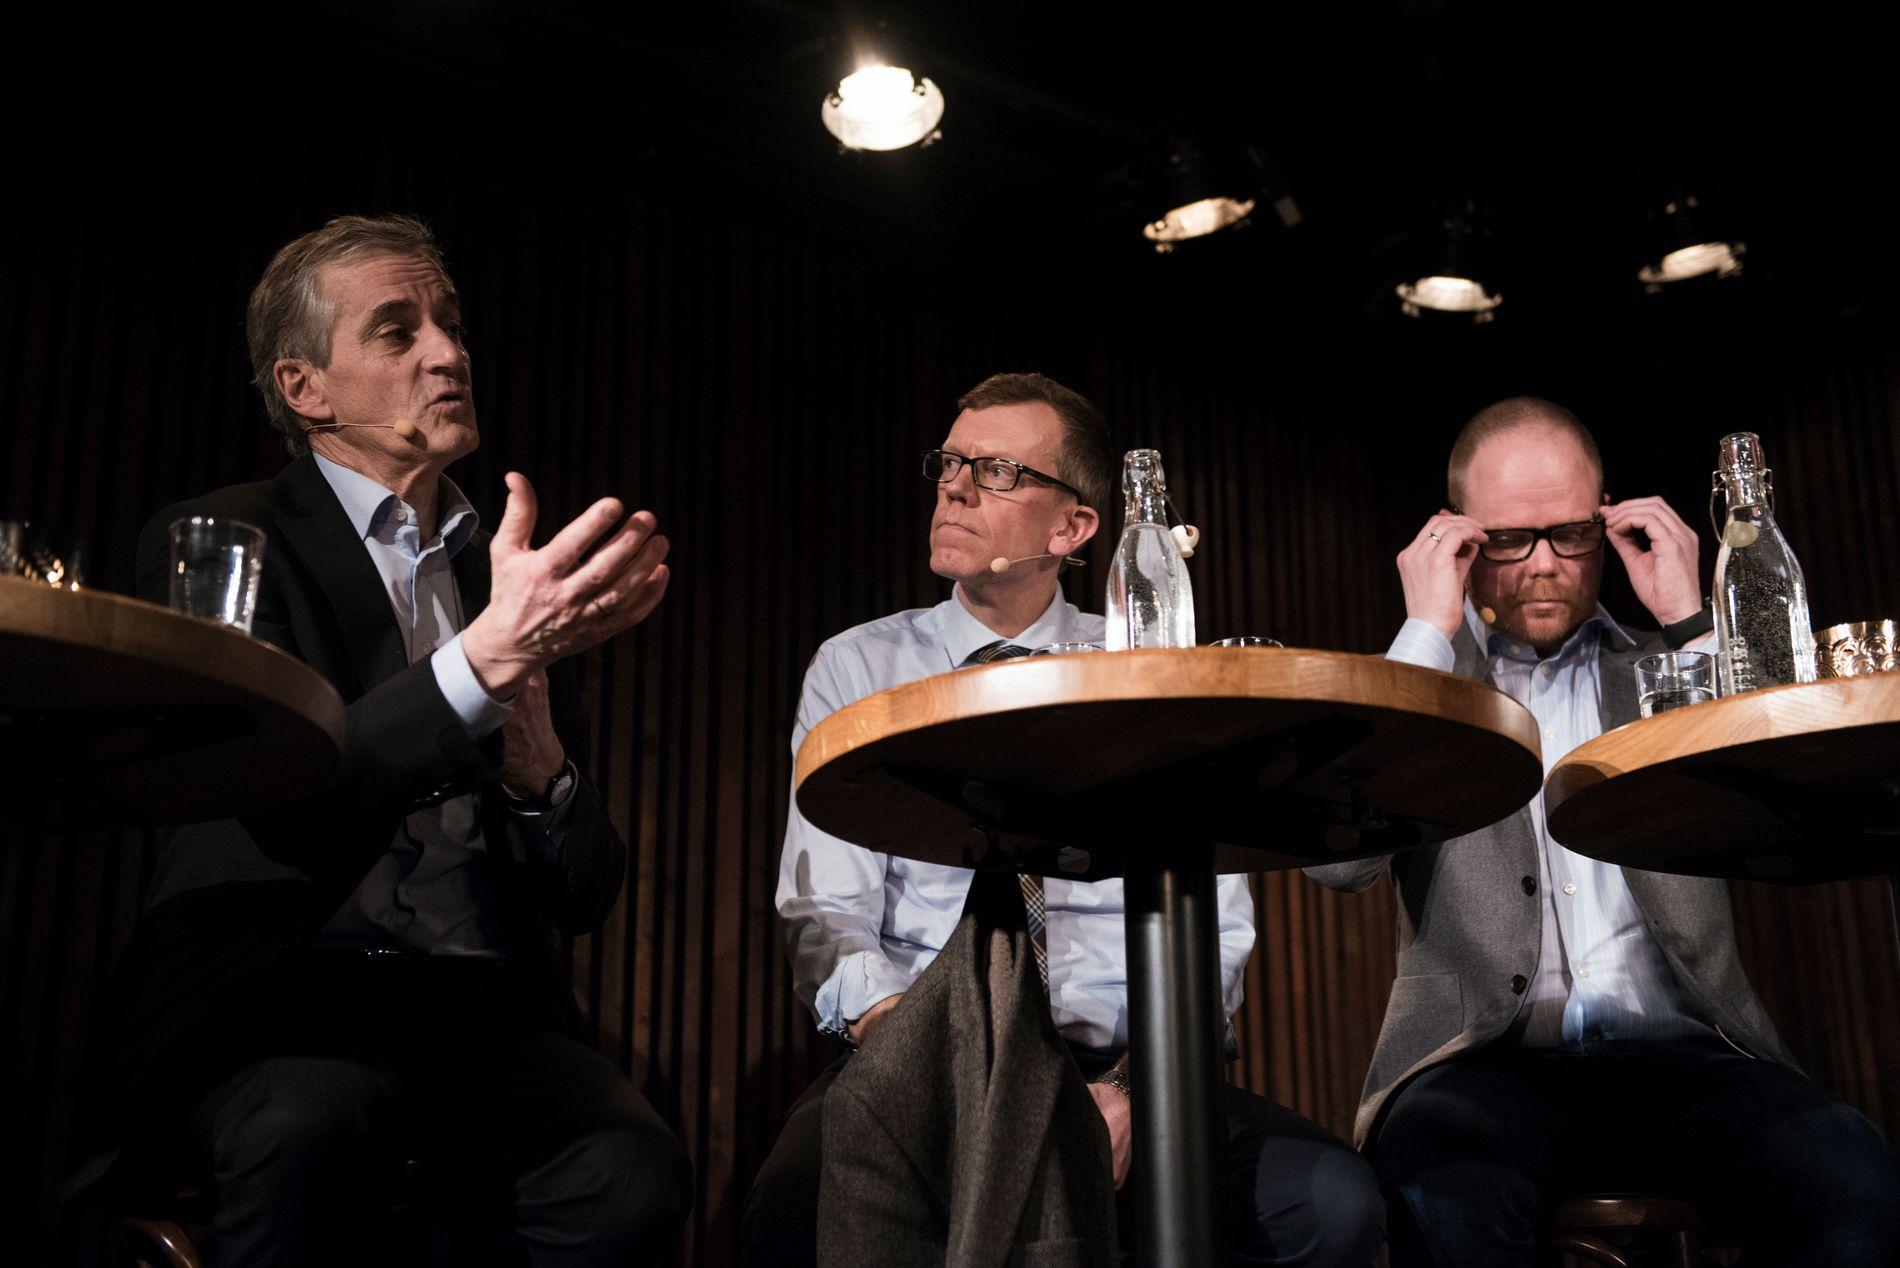 BLYTUNGT:  Jonas Gahr Støre fortalte at det hadde vært blytungt å høre historiene til varslerne, men at det også var tungt å oppleve at en kollega du har jobbet nært med, kommer i en slik situasjon. I panelet satt også Kjetil Bragli Alstadheim, politisk redaktør i Dagens Næringsliv og Gard Steiro, sjefredaktør i VG.